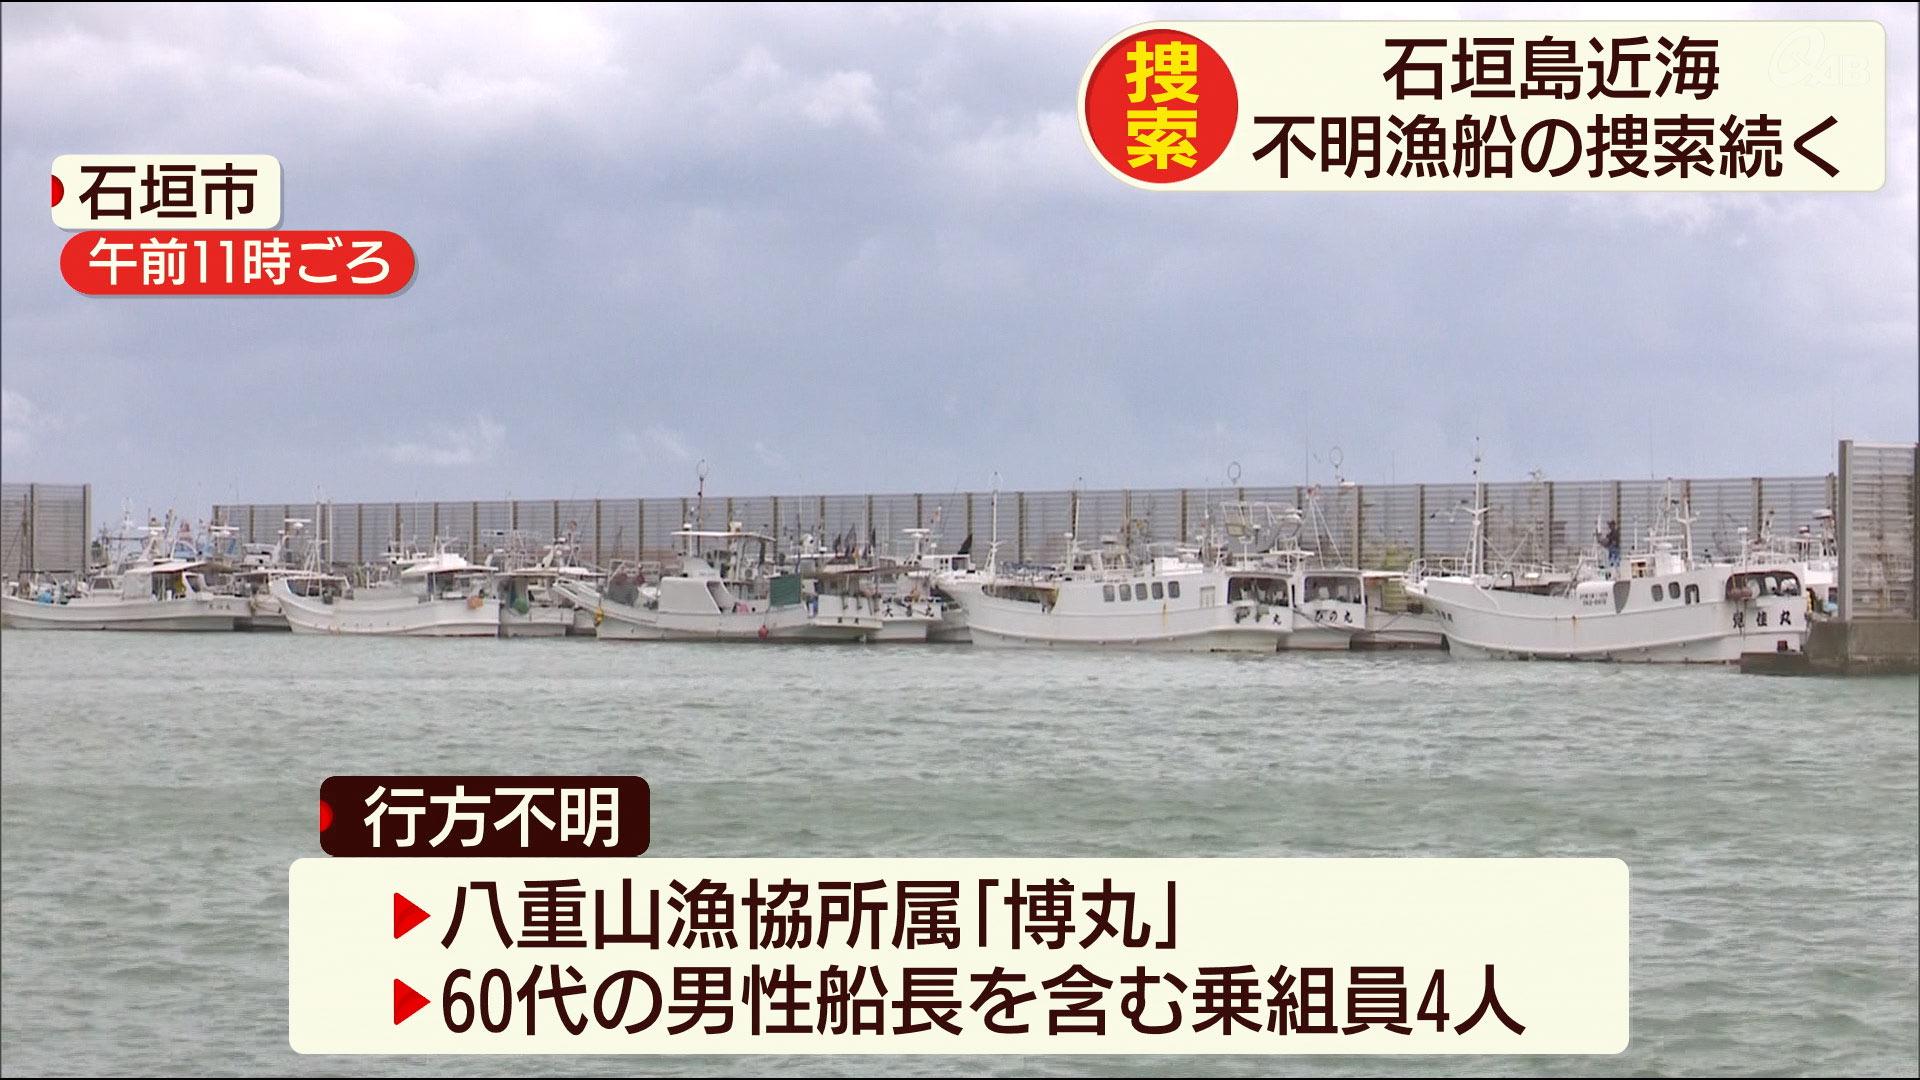 石垣島で漁船が行方不明 台風影響で流されたか